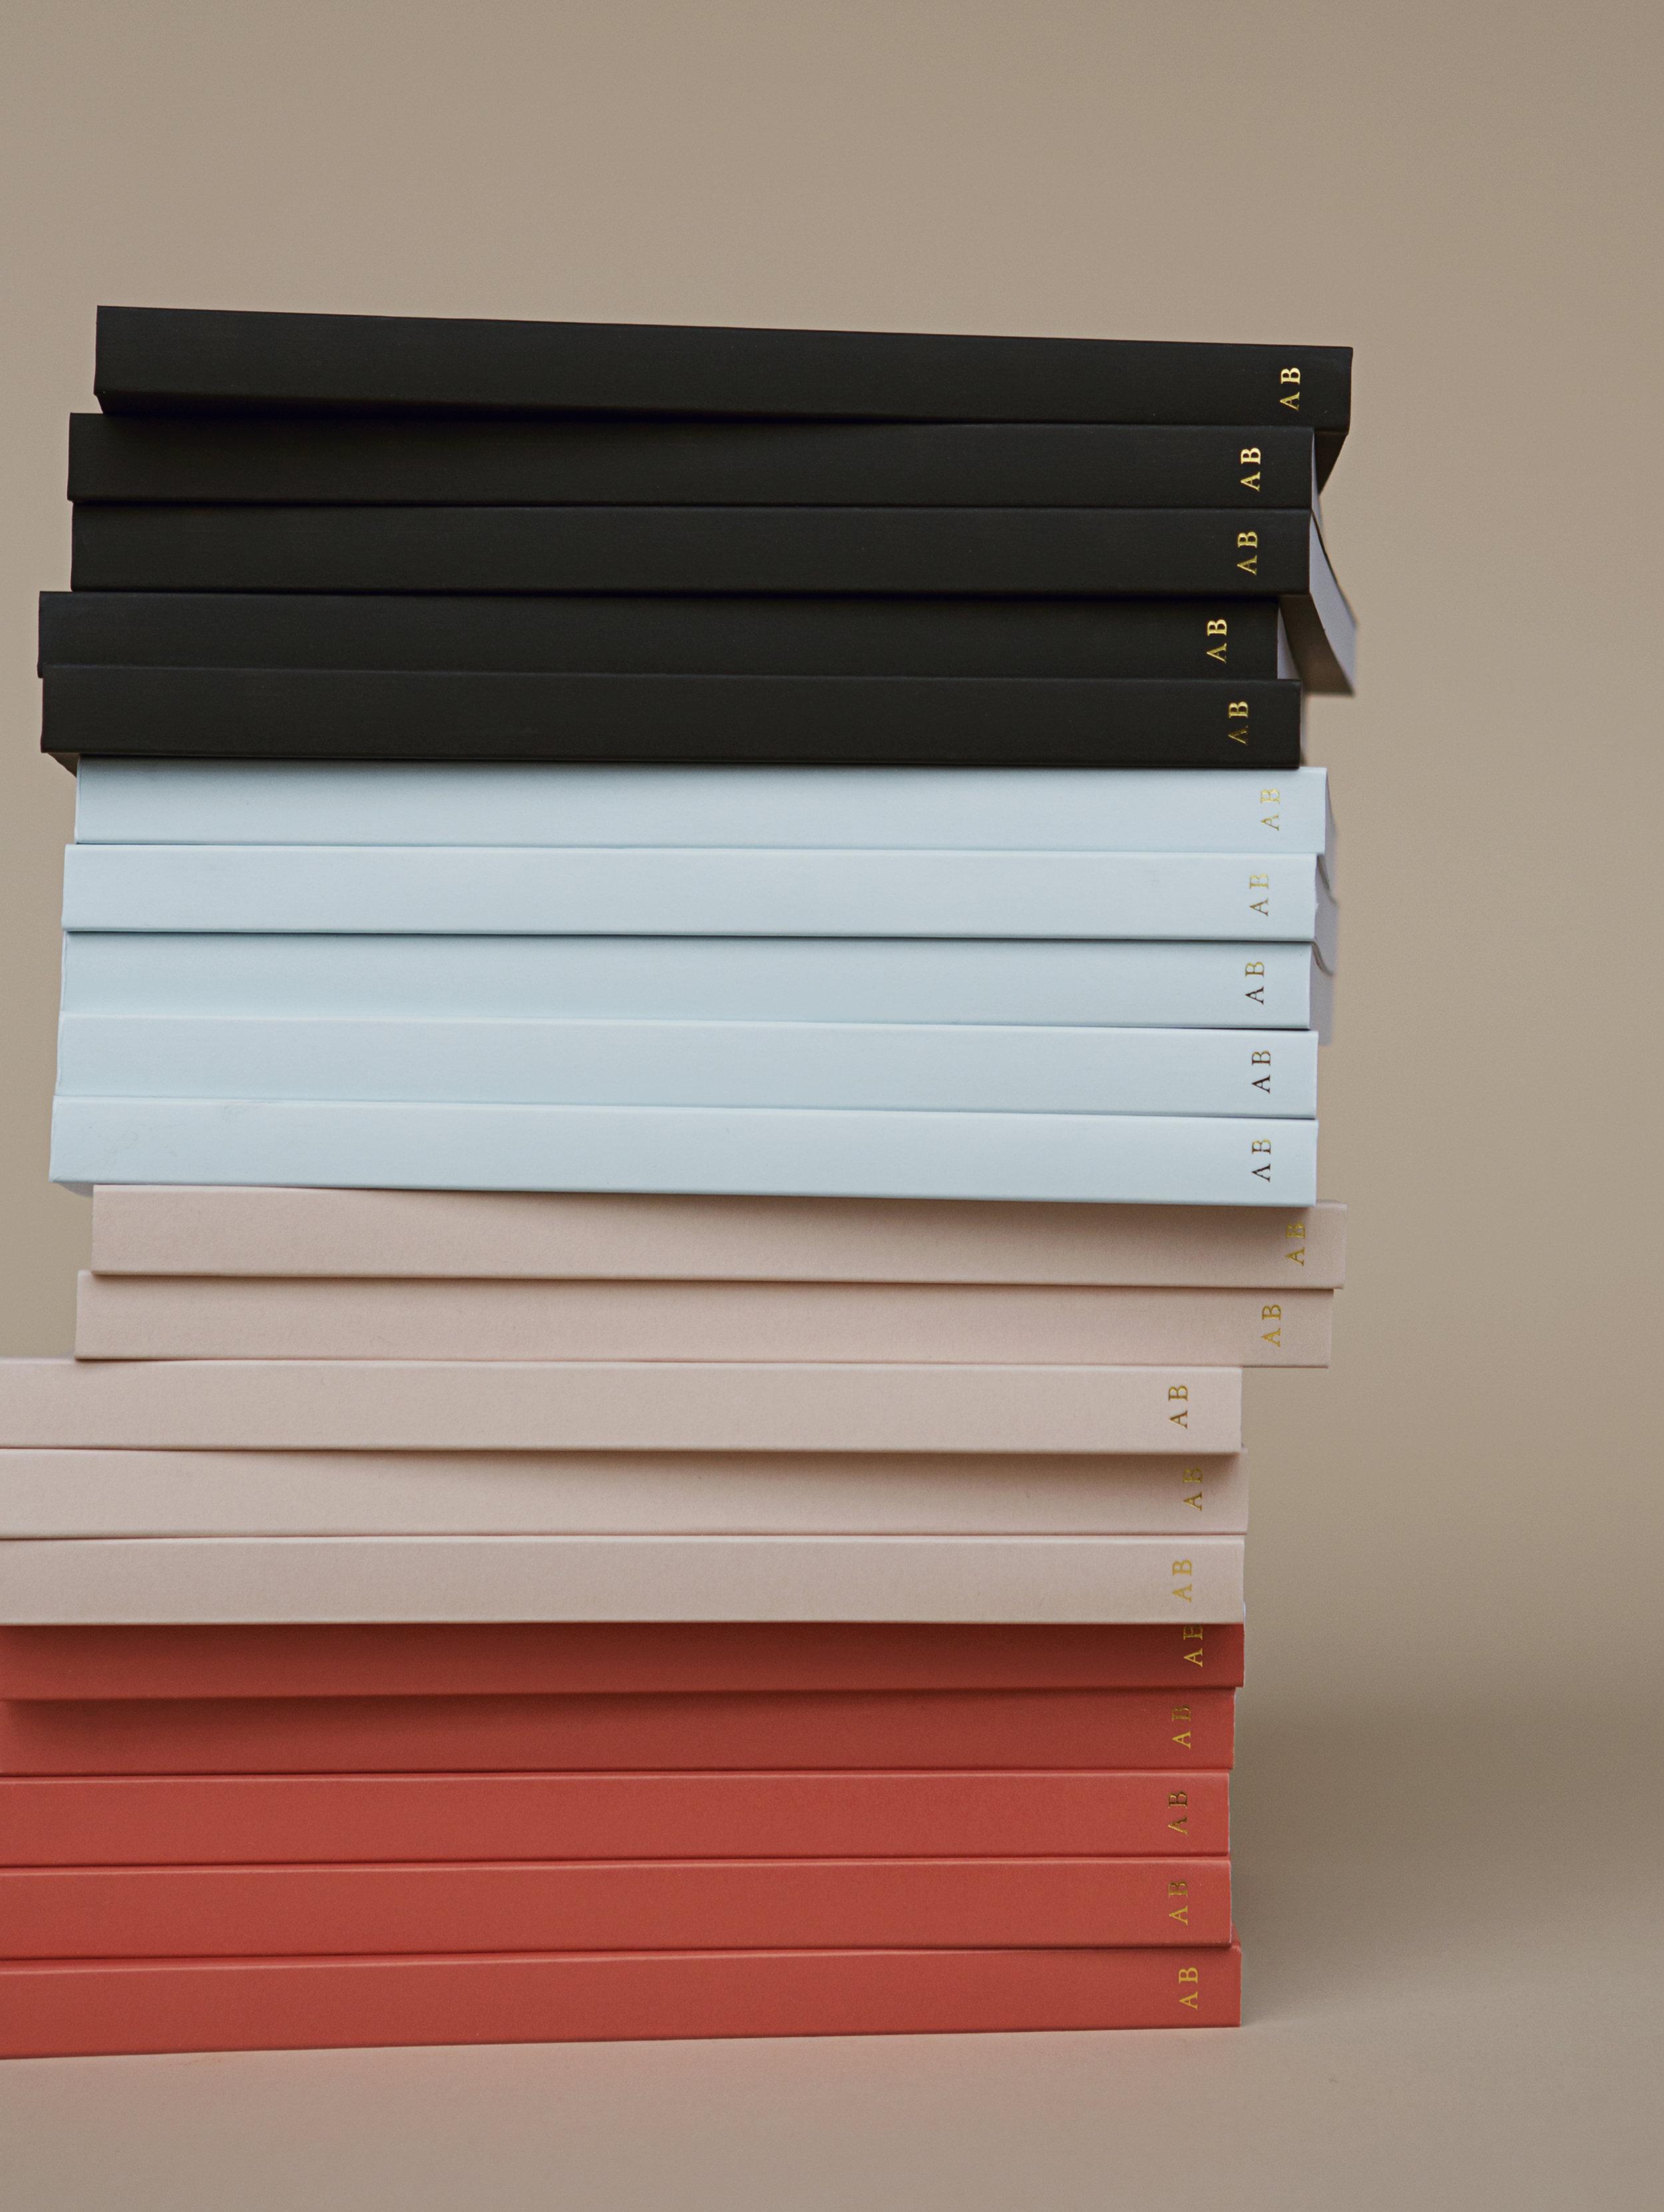 Notebooks_Stack.jpg